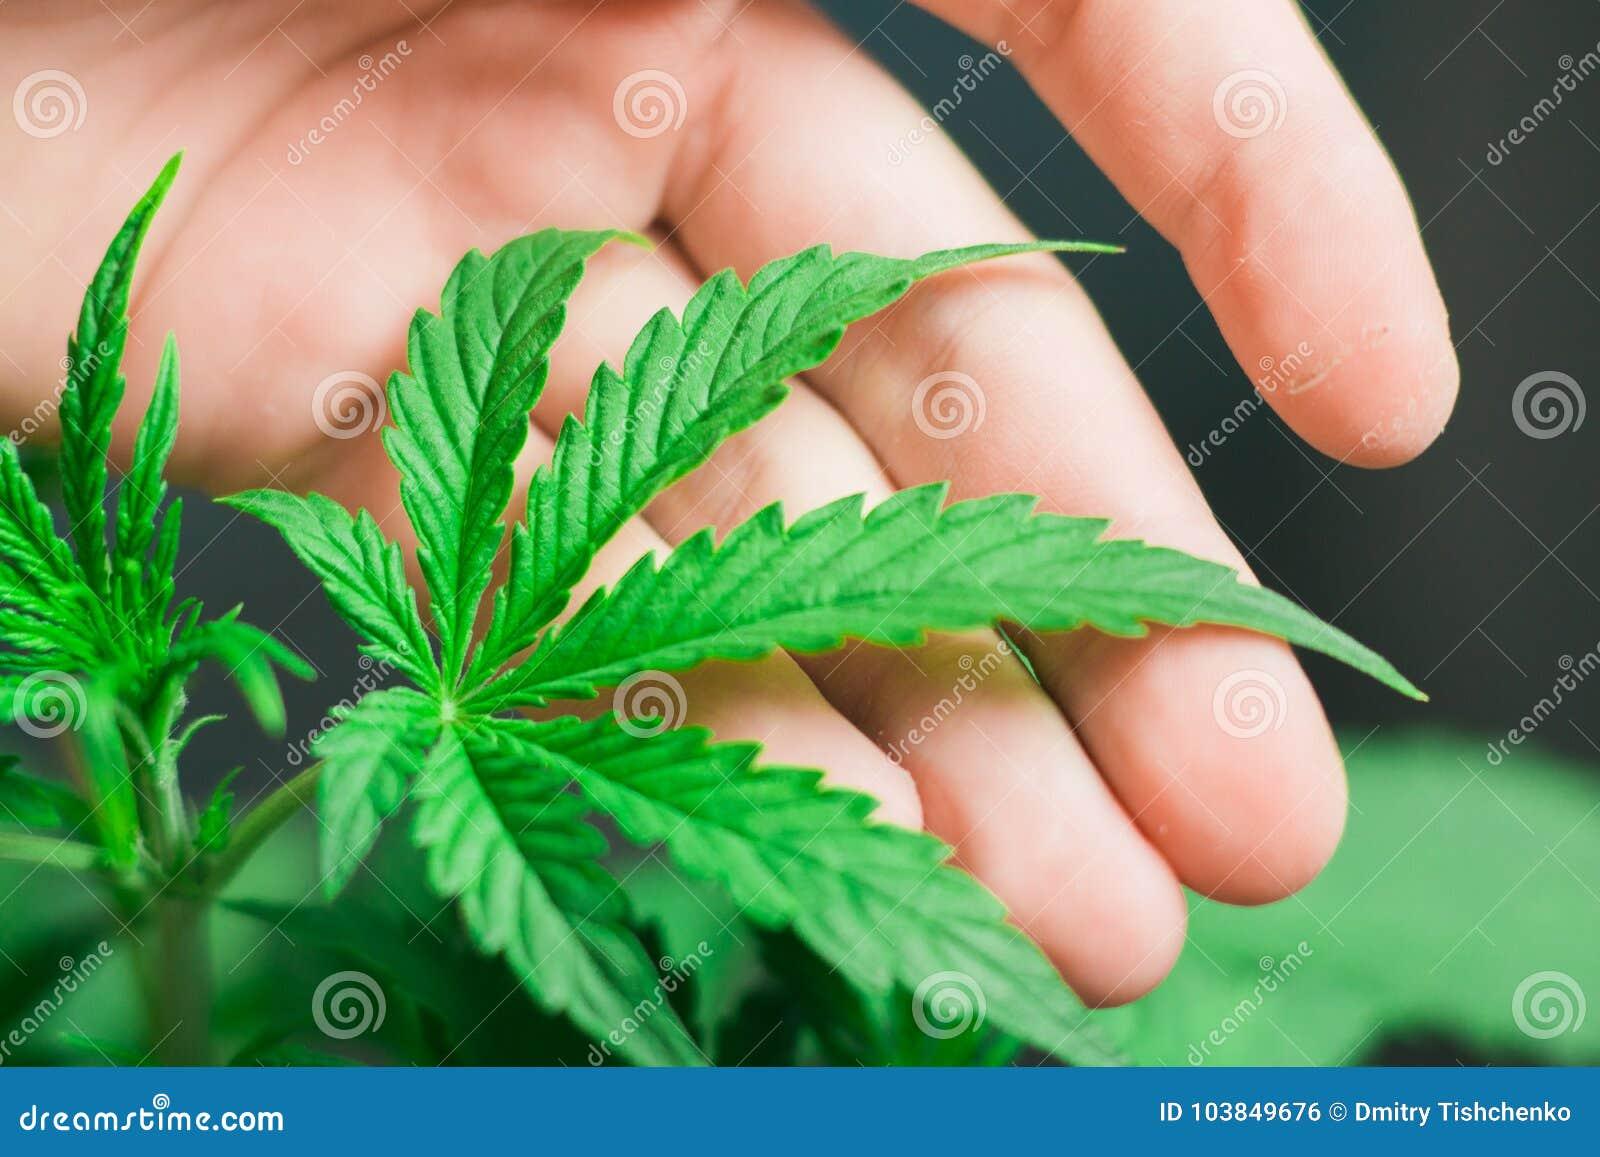 Как красиво написать конопля марихуаны при беременности